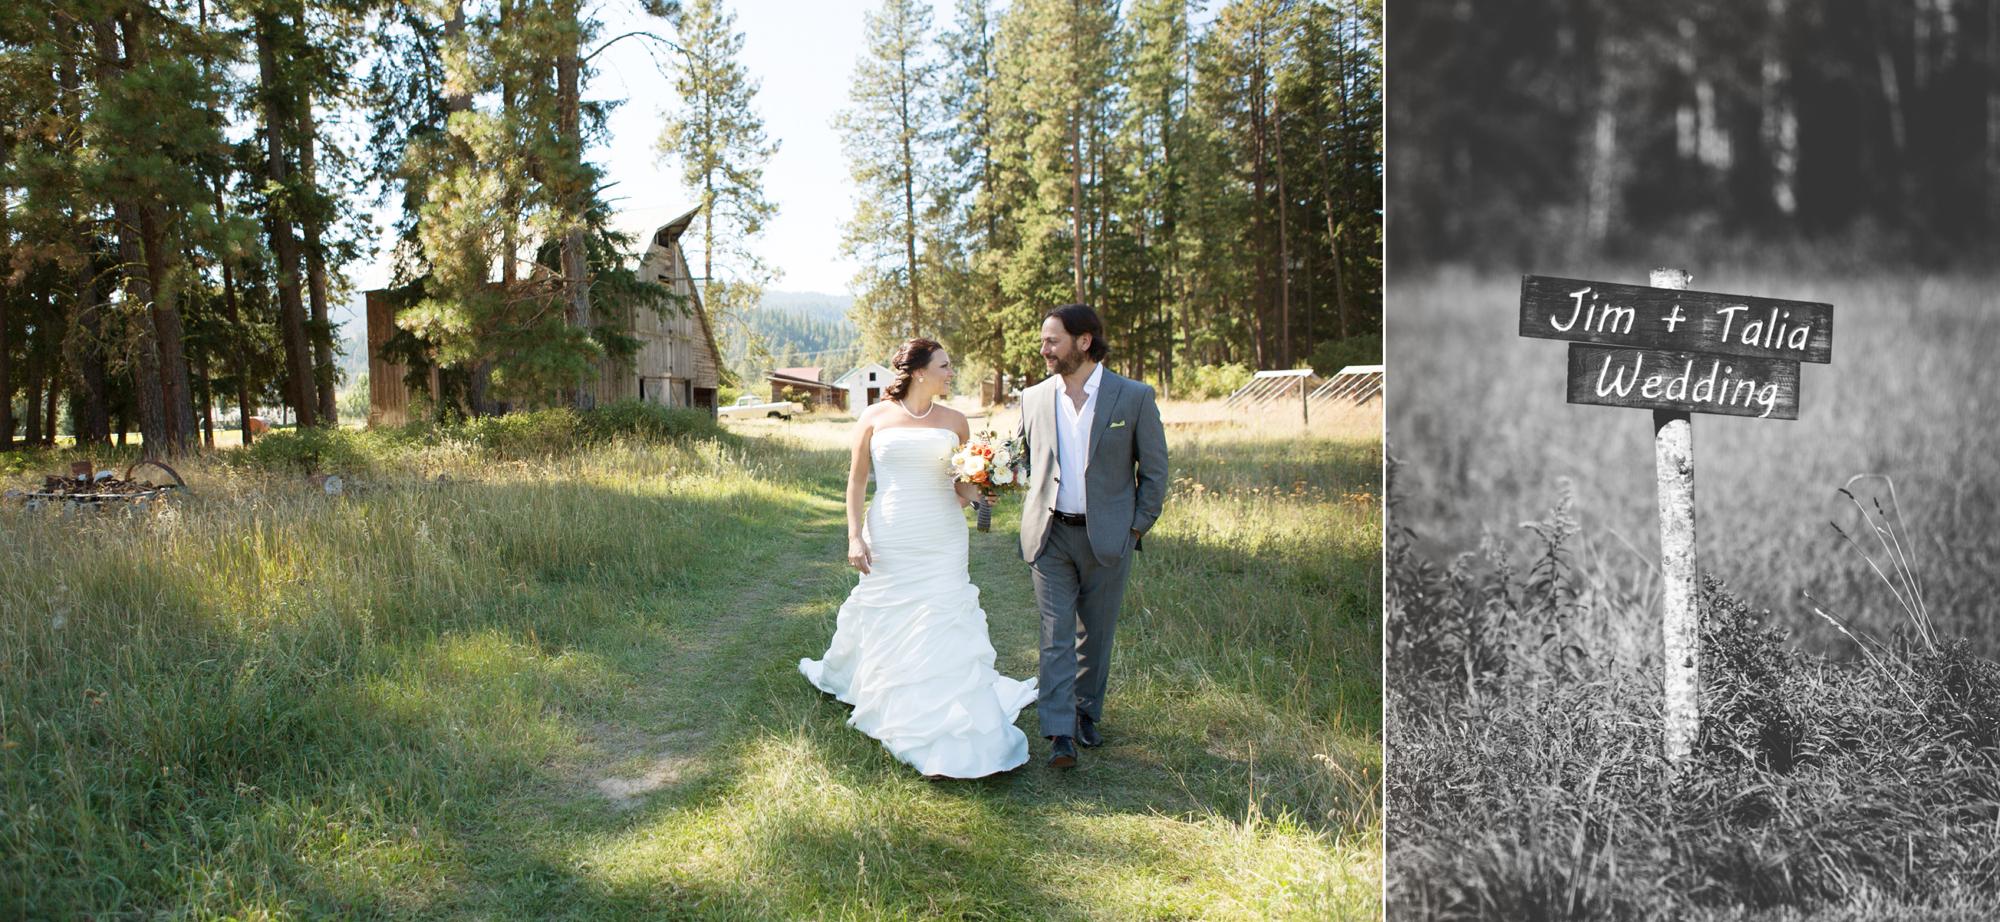 ashley vos photography seattle tacoma area wedding photographer_0813.jpg